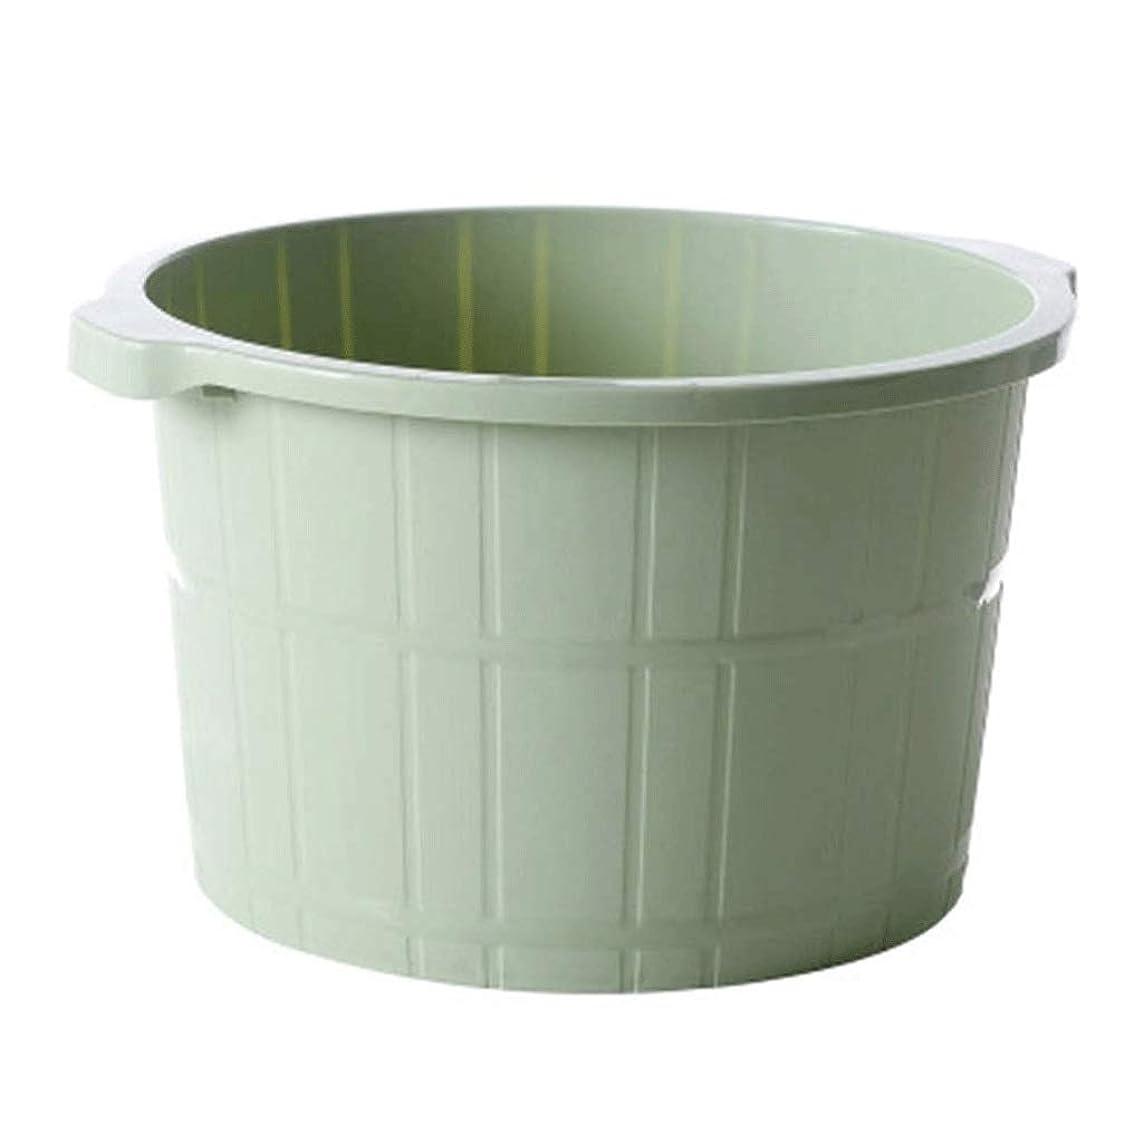 盗難ソブリケット極小TBCML シャープなイメージフットスパ、バブルジェット付き、振動するペディキュアスパ、リラックスできるフットバス、大まかな足のために設計された、最高の結果を実現する暖かい水でいっぱい (Color : Green)